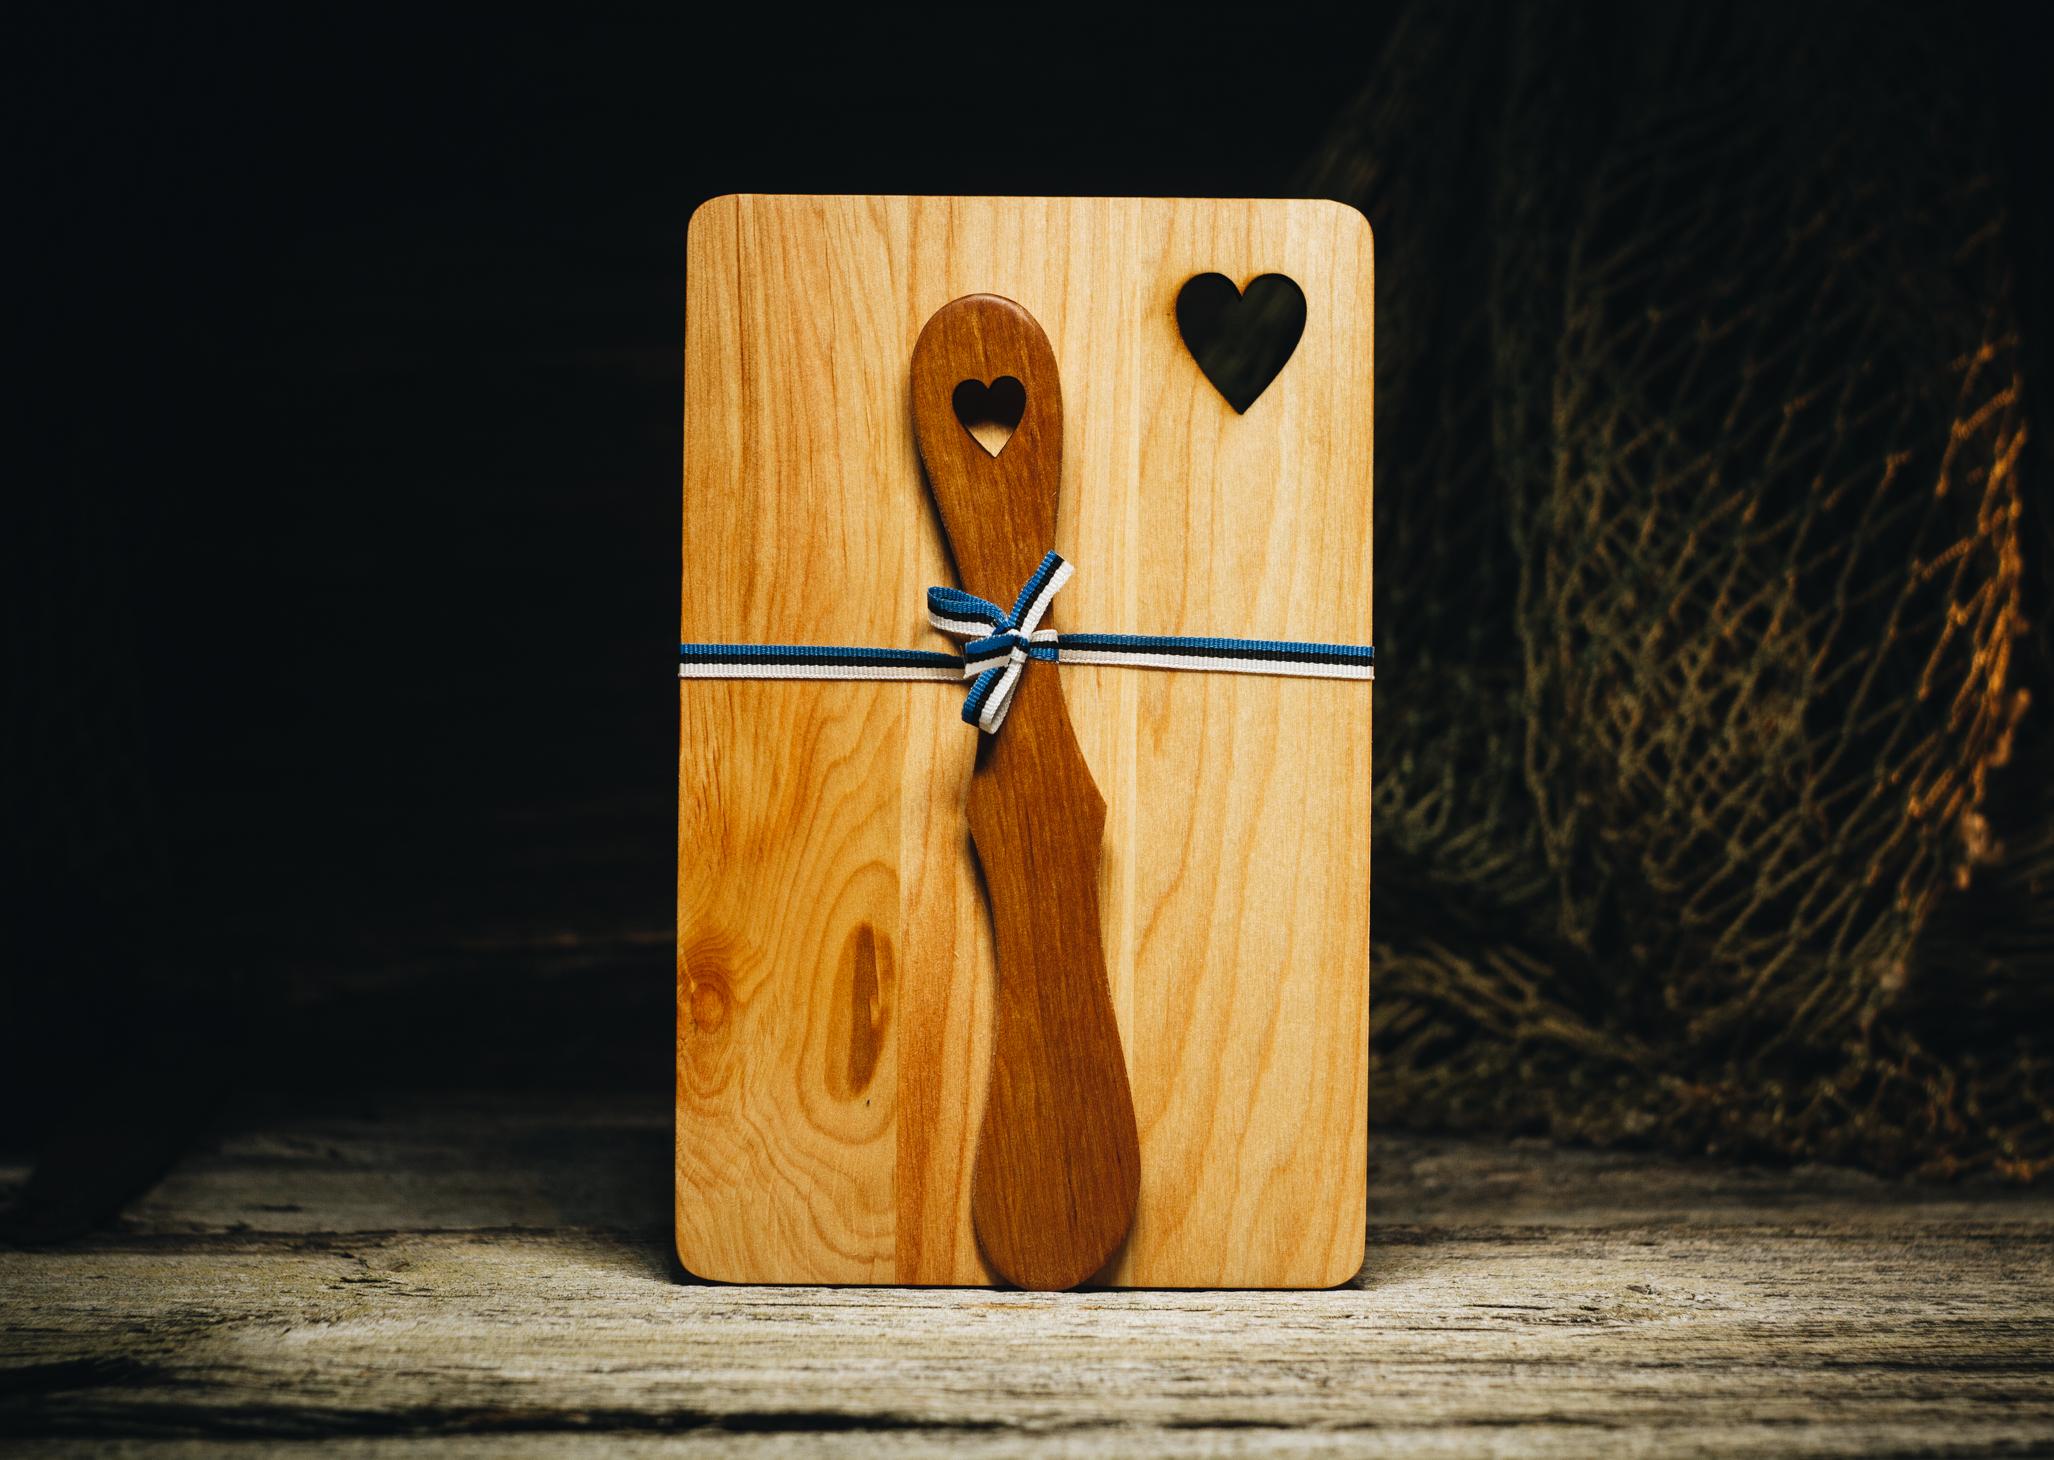 """Võileivaalus ja nuga """"Süda""""(lepp) /  Sandwich plate and knife """"Heart"""" (alder)"""